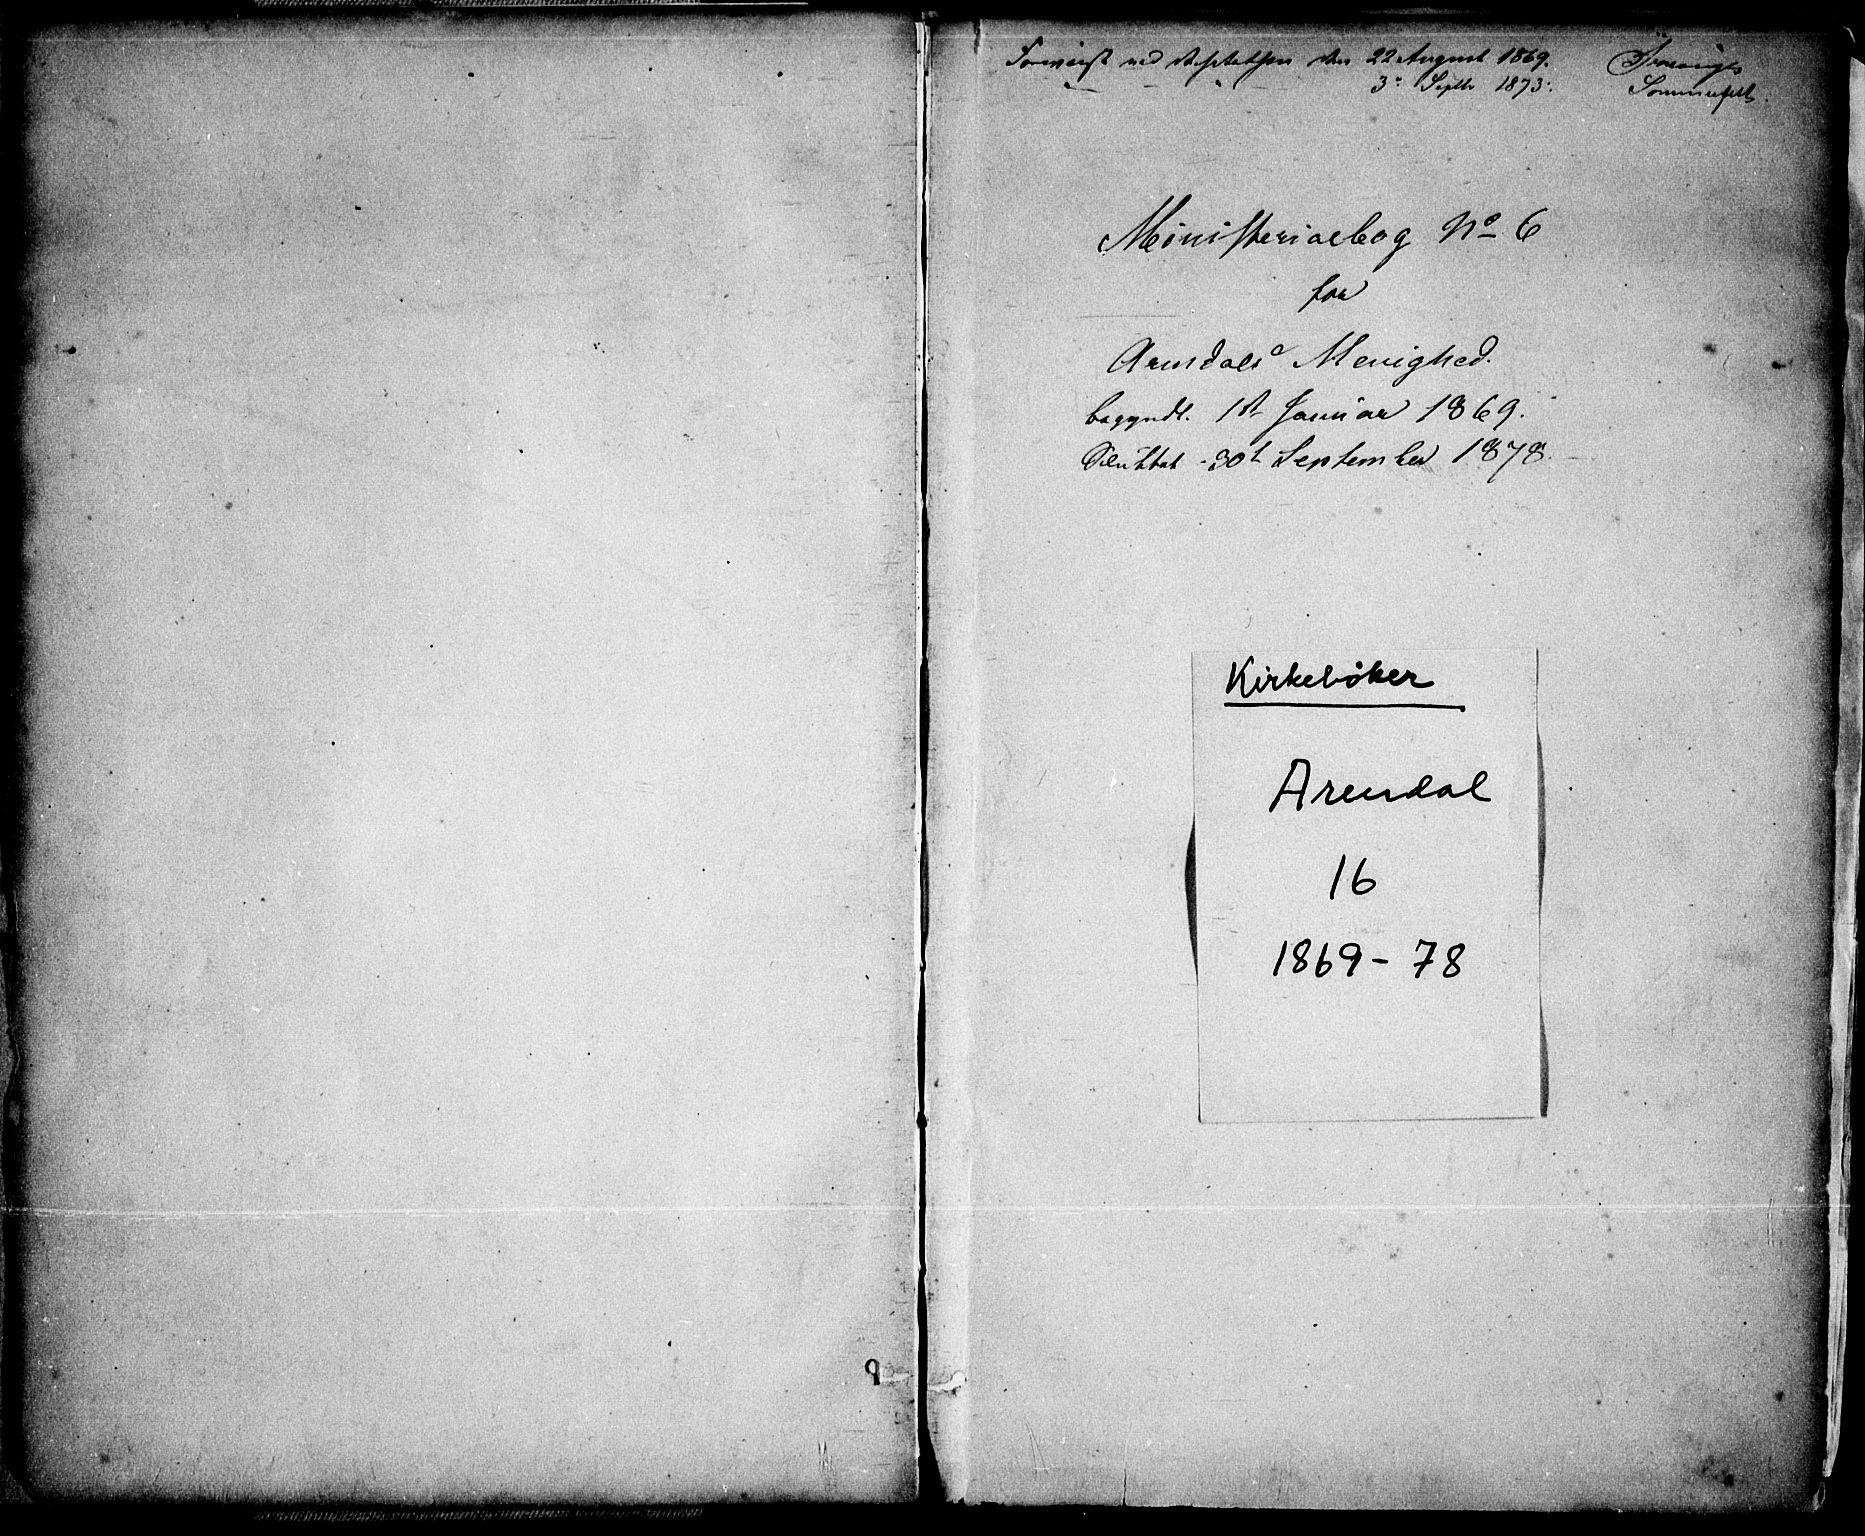 SAK, Arendal sokneprestkontor, Trefoldighet, F/Fa/L0007: Ministerialbok nr. A 7, 1868-1878